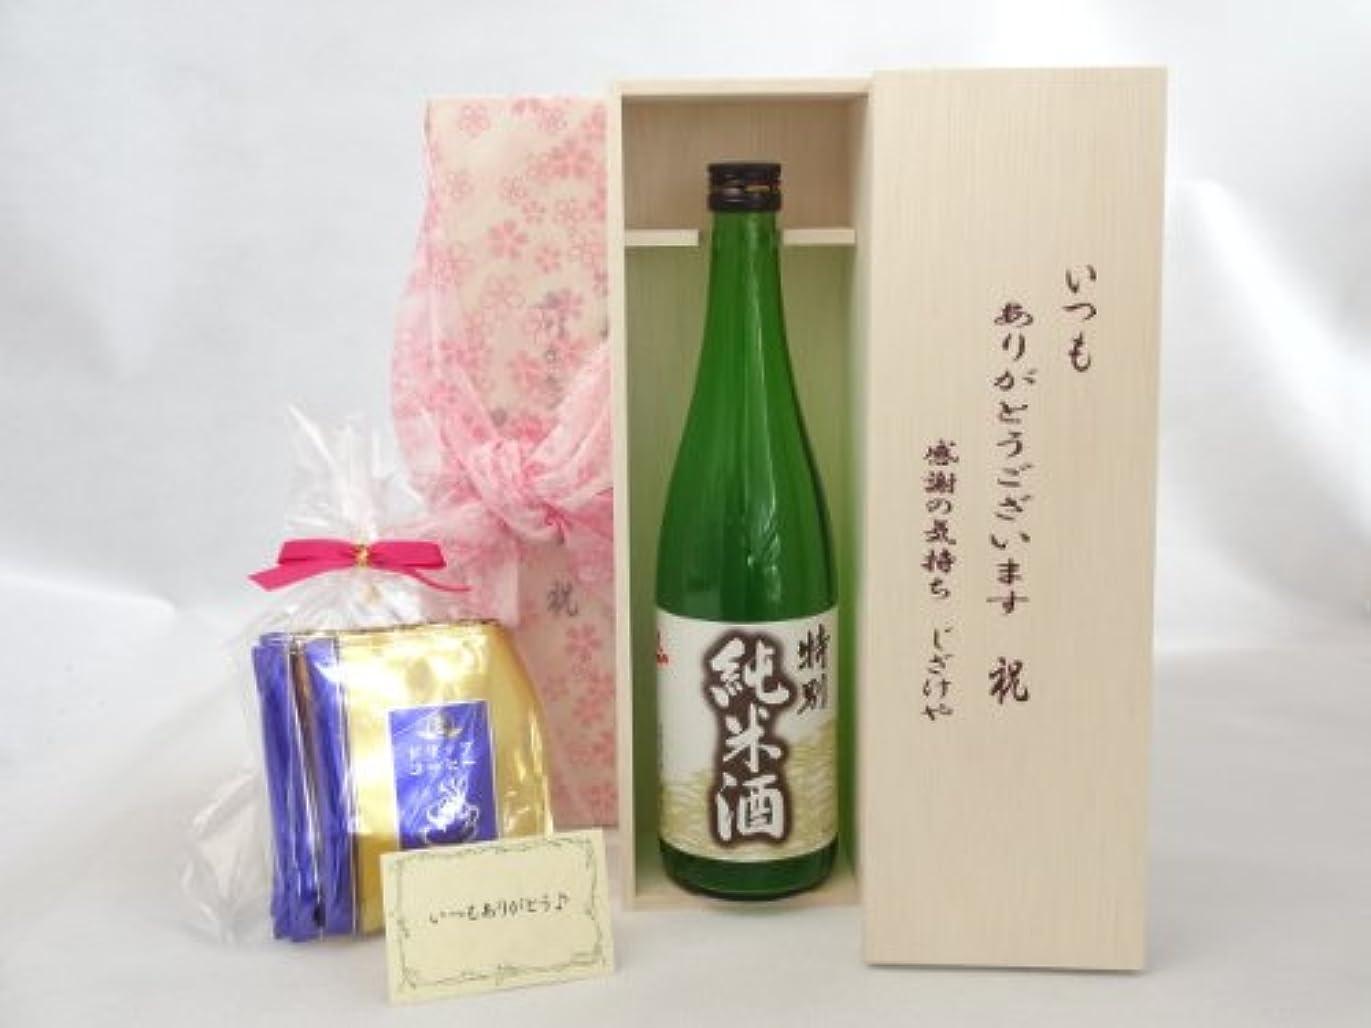 贈り物セット いつもありがとうございます感謝の気持ち木箱セット 日本酒セット 挽き立て珈琲(ドリップパック5パック)( 早川酒造 特別純米酒 720ml(三重県) ) メッセージカード付